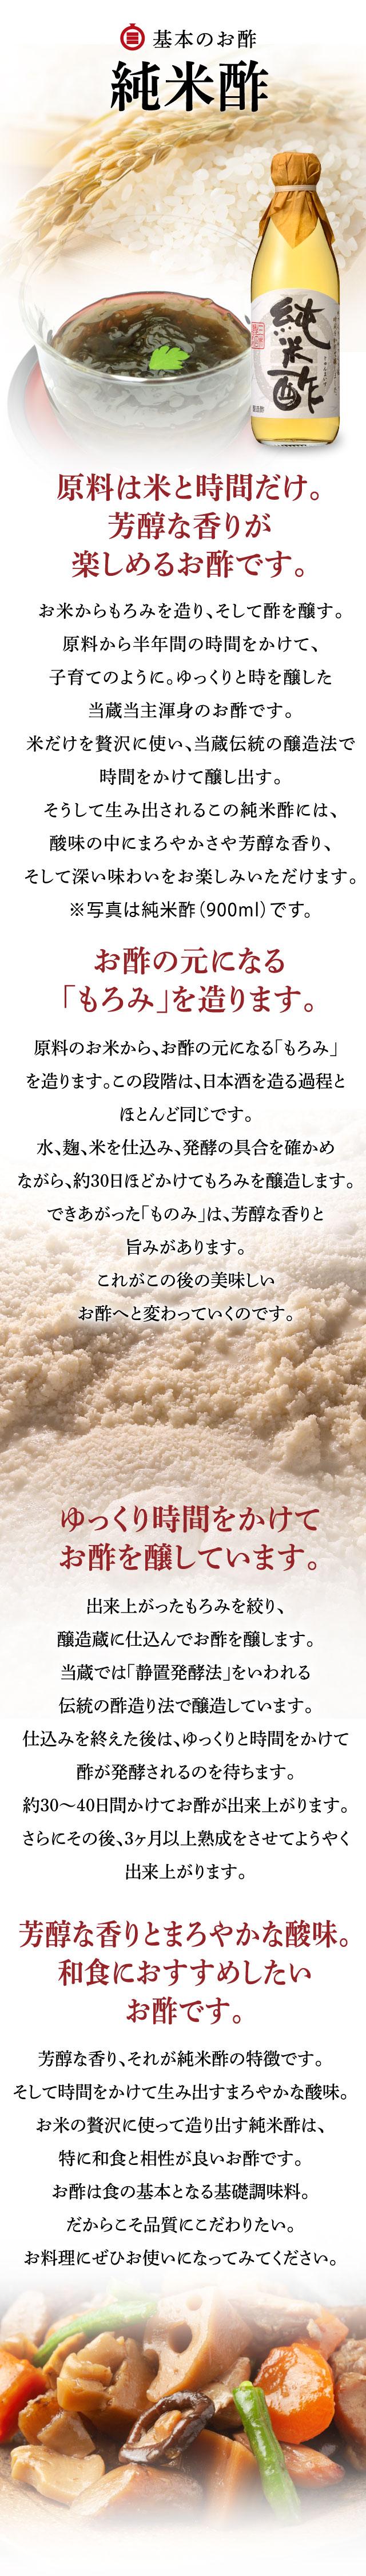 純米酢原料は米と時間だけ。芳醇な香りが楽しめるお酢です。お米からもろみを造り、そして酢を醸す。原料から半年間の時間をかけて、子育てのように。ゆっくりと時を醸した当蔵当主渾身のお酢です。米だけを贅沢に使い、当蔵伝統の醸造法で時間をかけて醸し出す。そうして生み出されるこの純米酢には、酸味の中にまろやかさや芳醇な香り、そして深い味わいをお楽しみいただけます。※写真は純米酢(900ml)です。